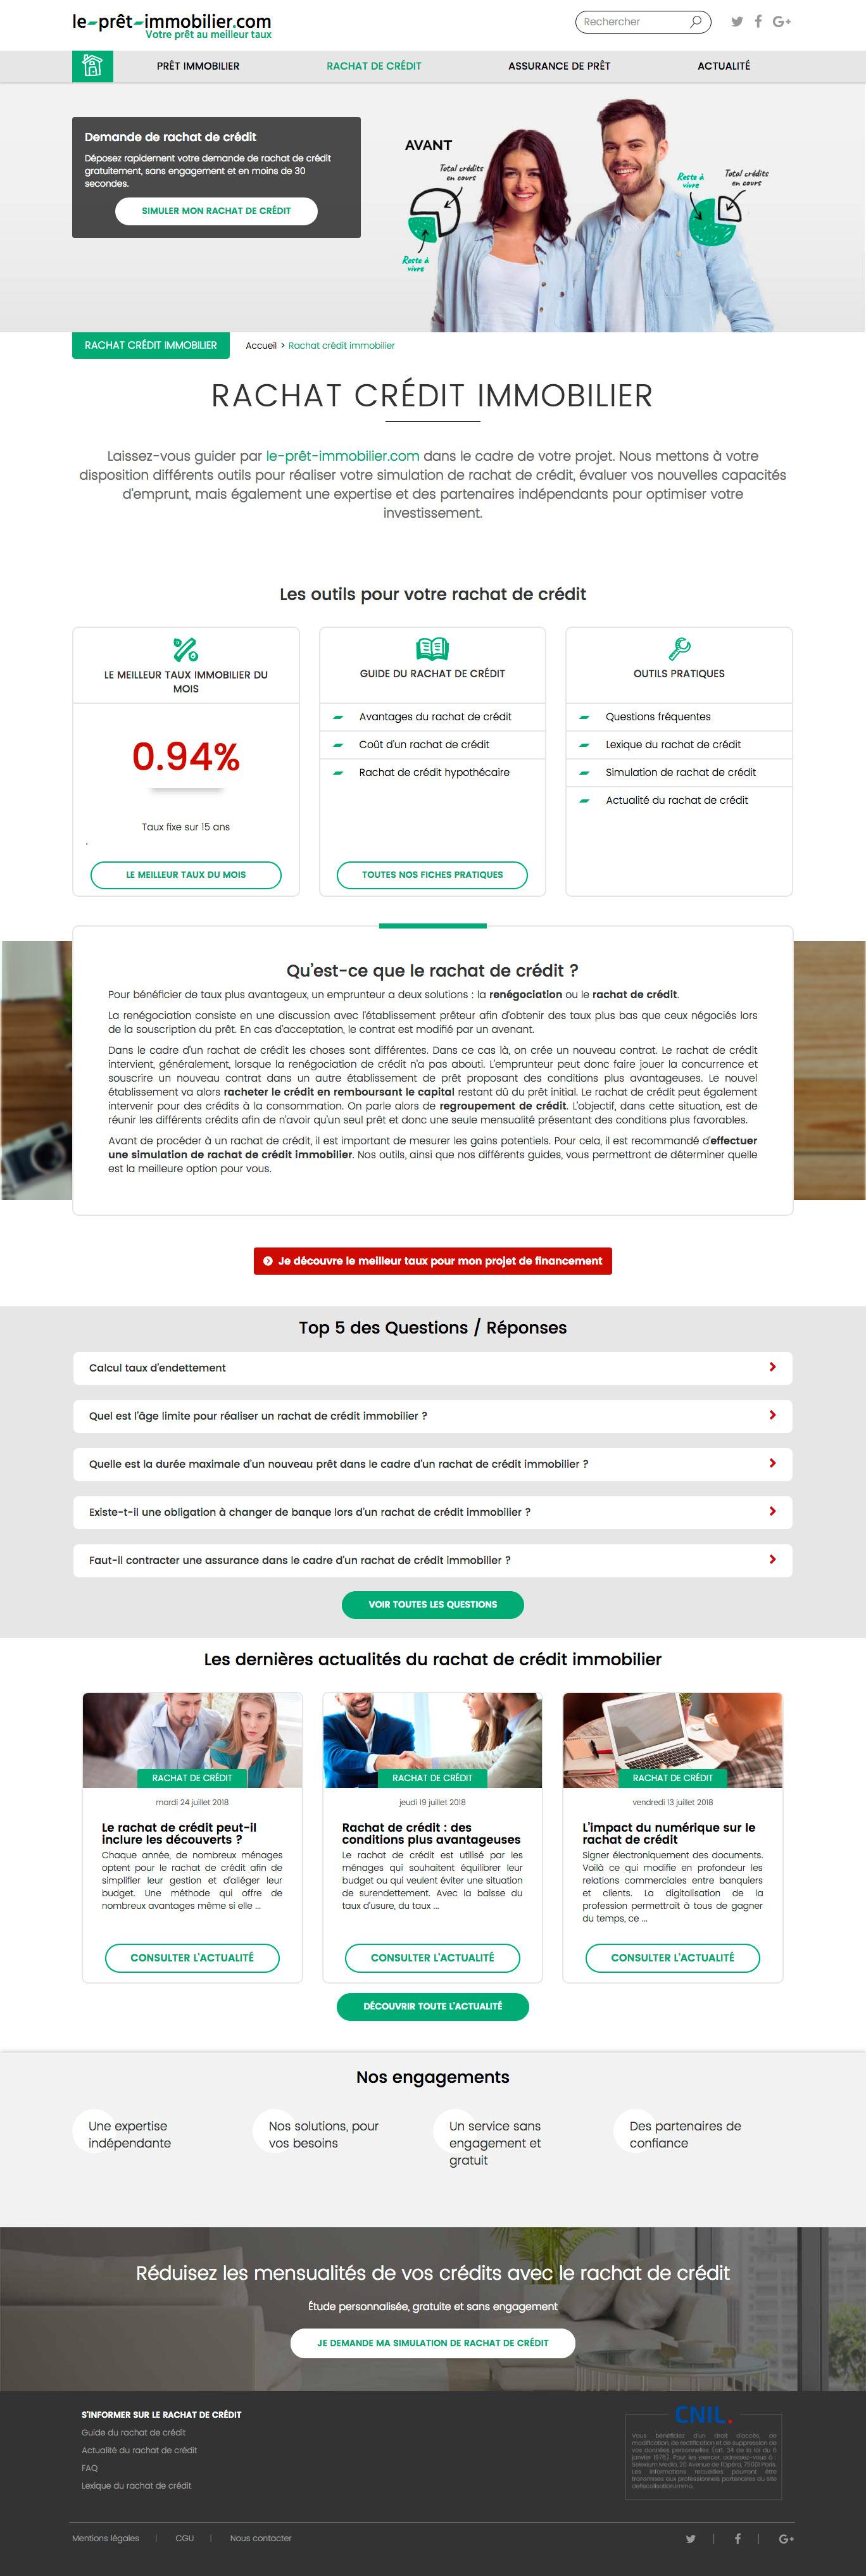 site-lpi